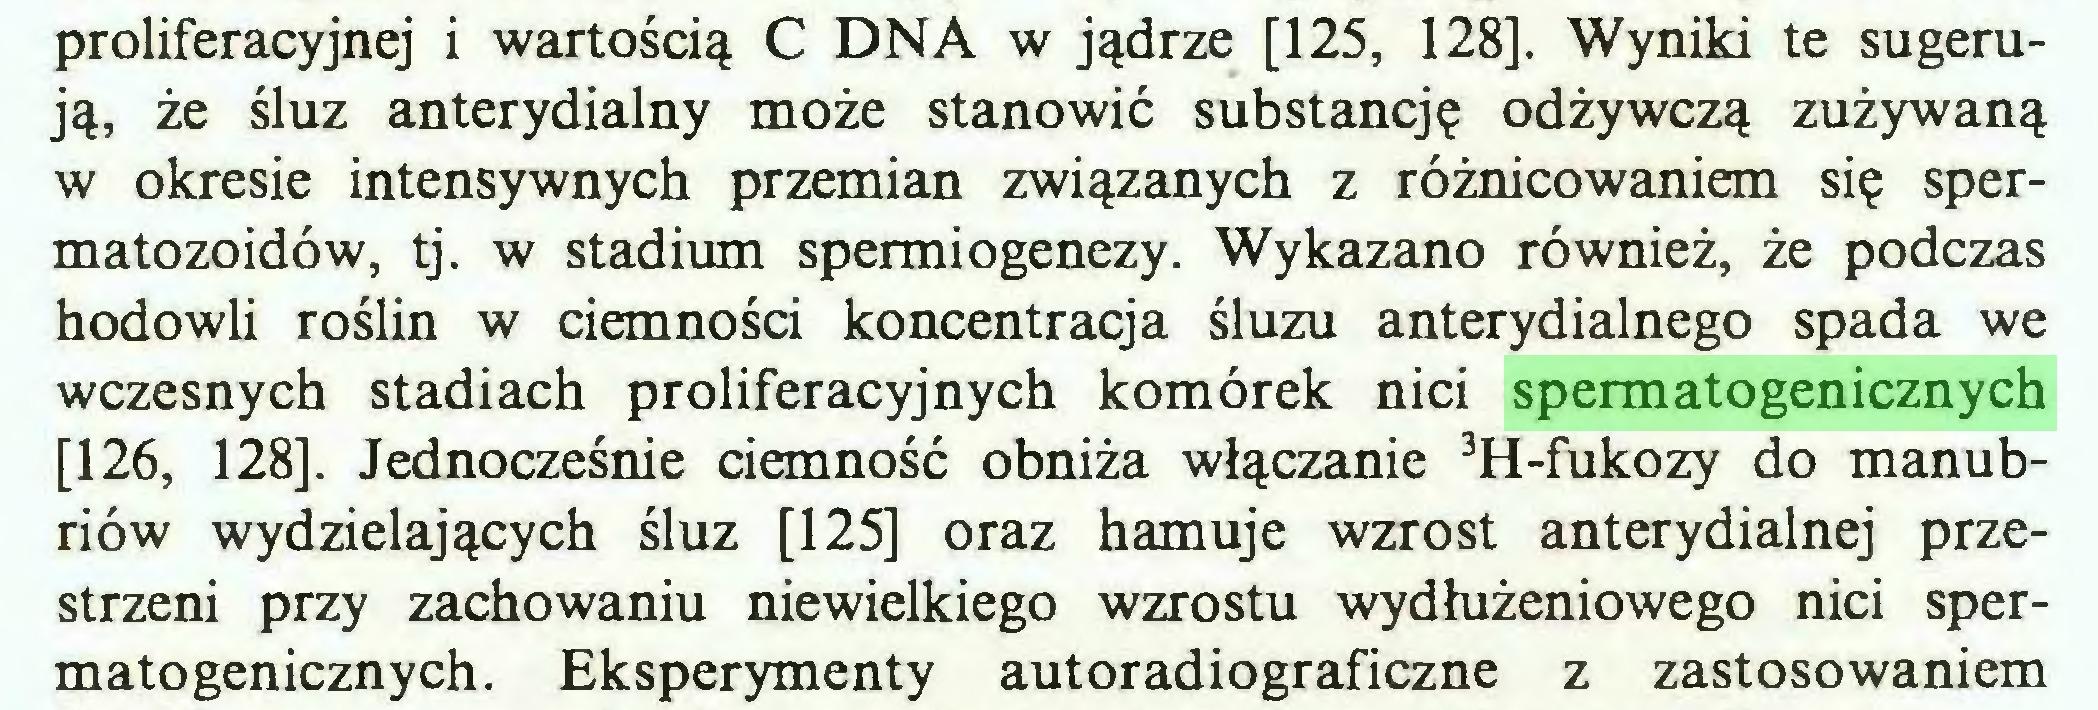 (...) proliferacyjnej i wartością C DNA w jądrze [125, 128]. Wyniki te sugerują, że śluz anterydialny może stanowić substancję odżywczą zużywaną w okresie intensywnych przemian związanych z różnicowaniem się spermatozoidów, tj. w stadium spermiogenezy. Wykazano również, że podczas hodowli roślin w ciemności koncentracja śluzu anterydialnego spada we wczesnych stadiach proliferacyjnych komórek nici spermatogenicznych [126, 128]. Jednocześnie ciemność obniża włączanie 3H-fukozy do manubriów wydzielających śluz [125] oraz hamuje wzrost anterydialnej przestrzeni przy zachowaniu niewielkiego wzrostu wydłużeniowego nici spermatogenicznych. Eksperymenty autoradiograficzne z zastosowaniem...